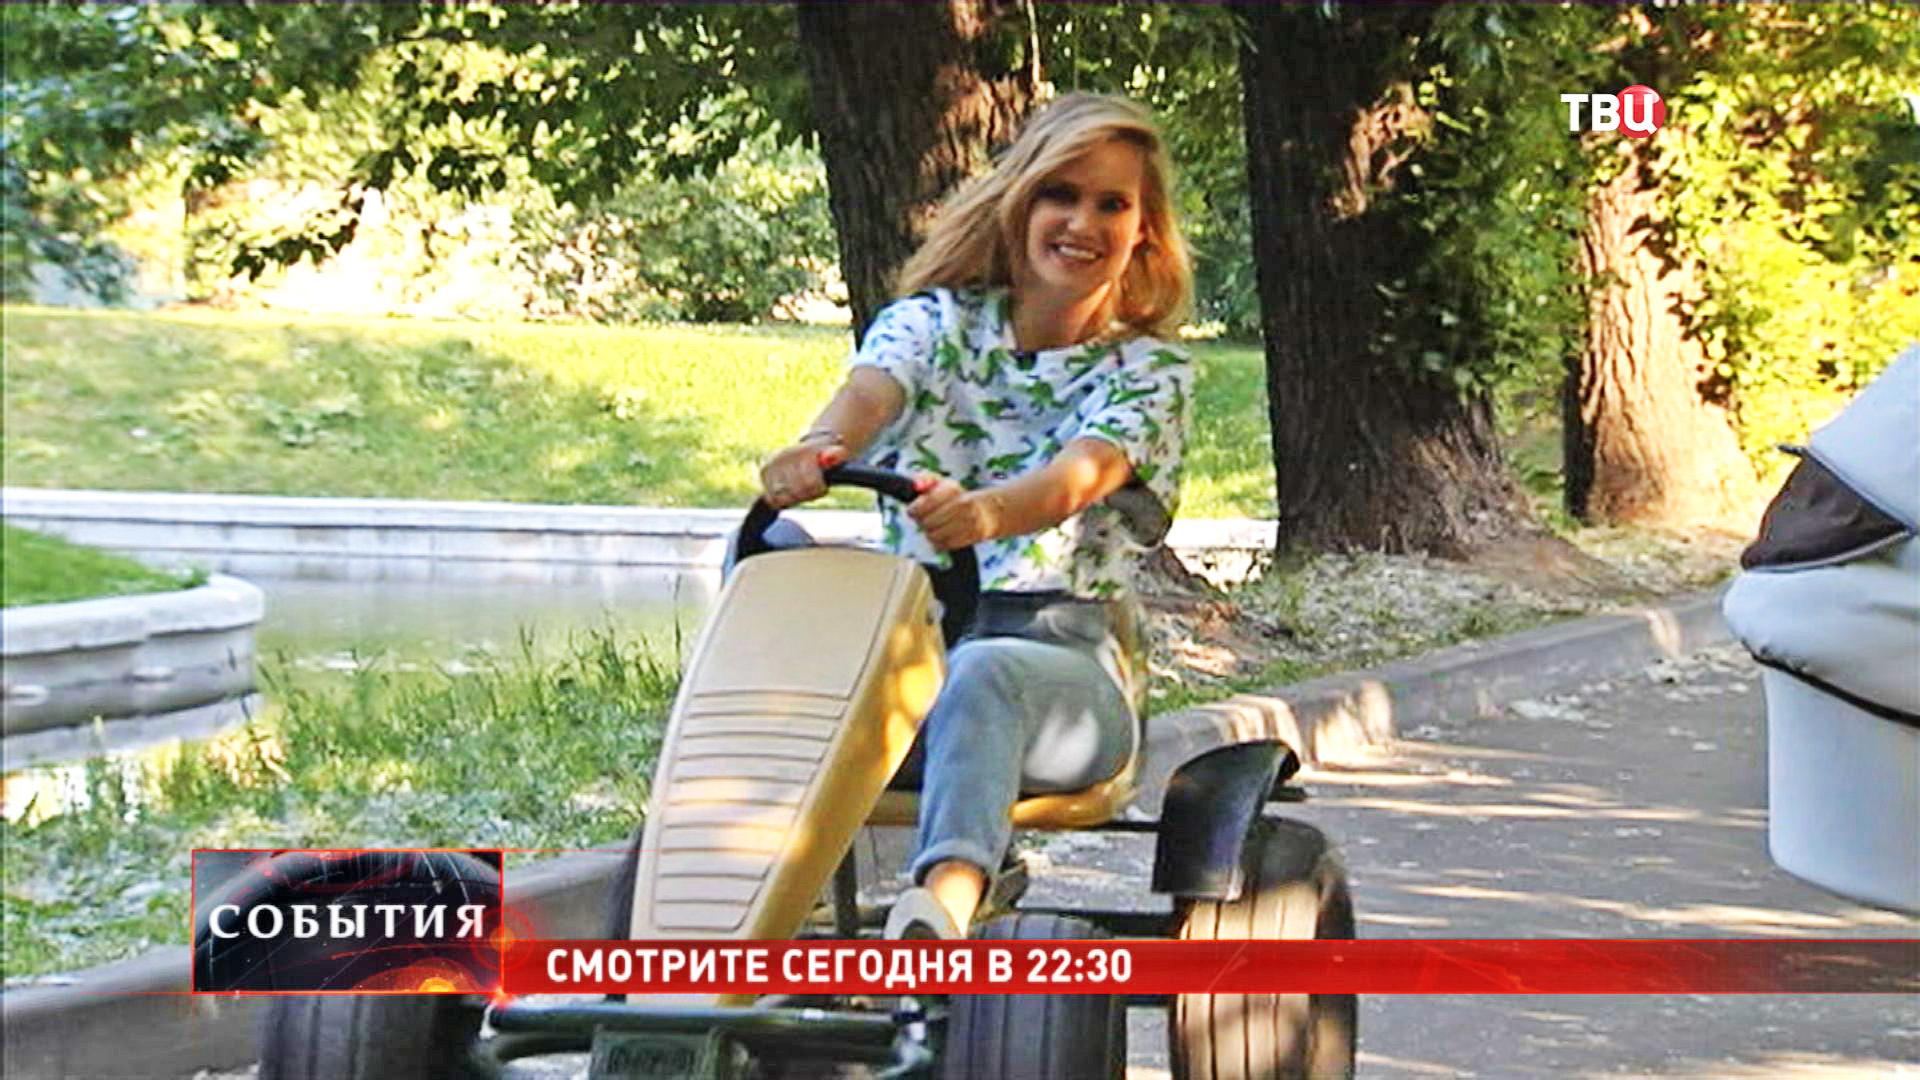 """Смотрите специальный репортаж """"Взрослный сад"""" в 22:30"""